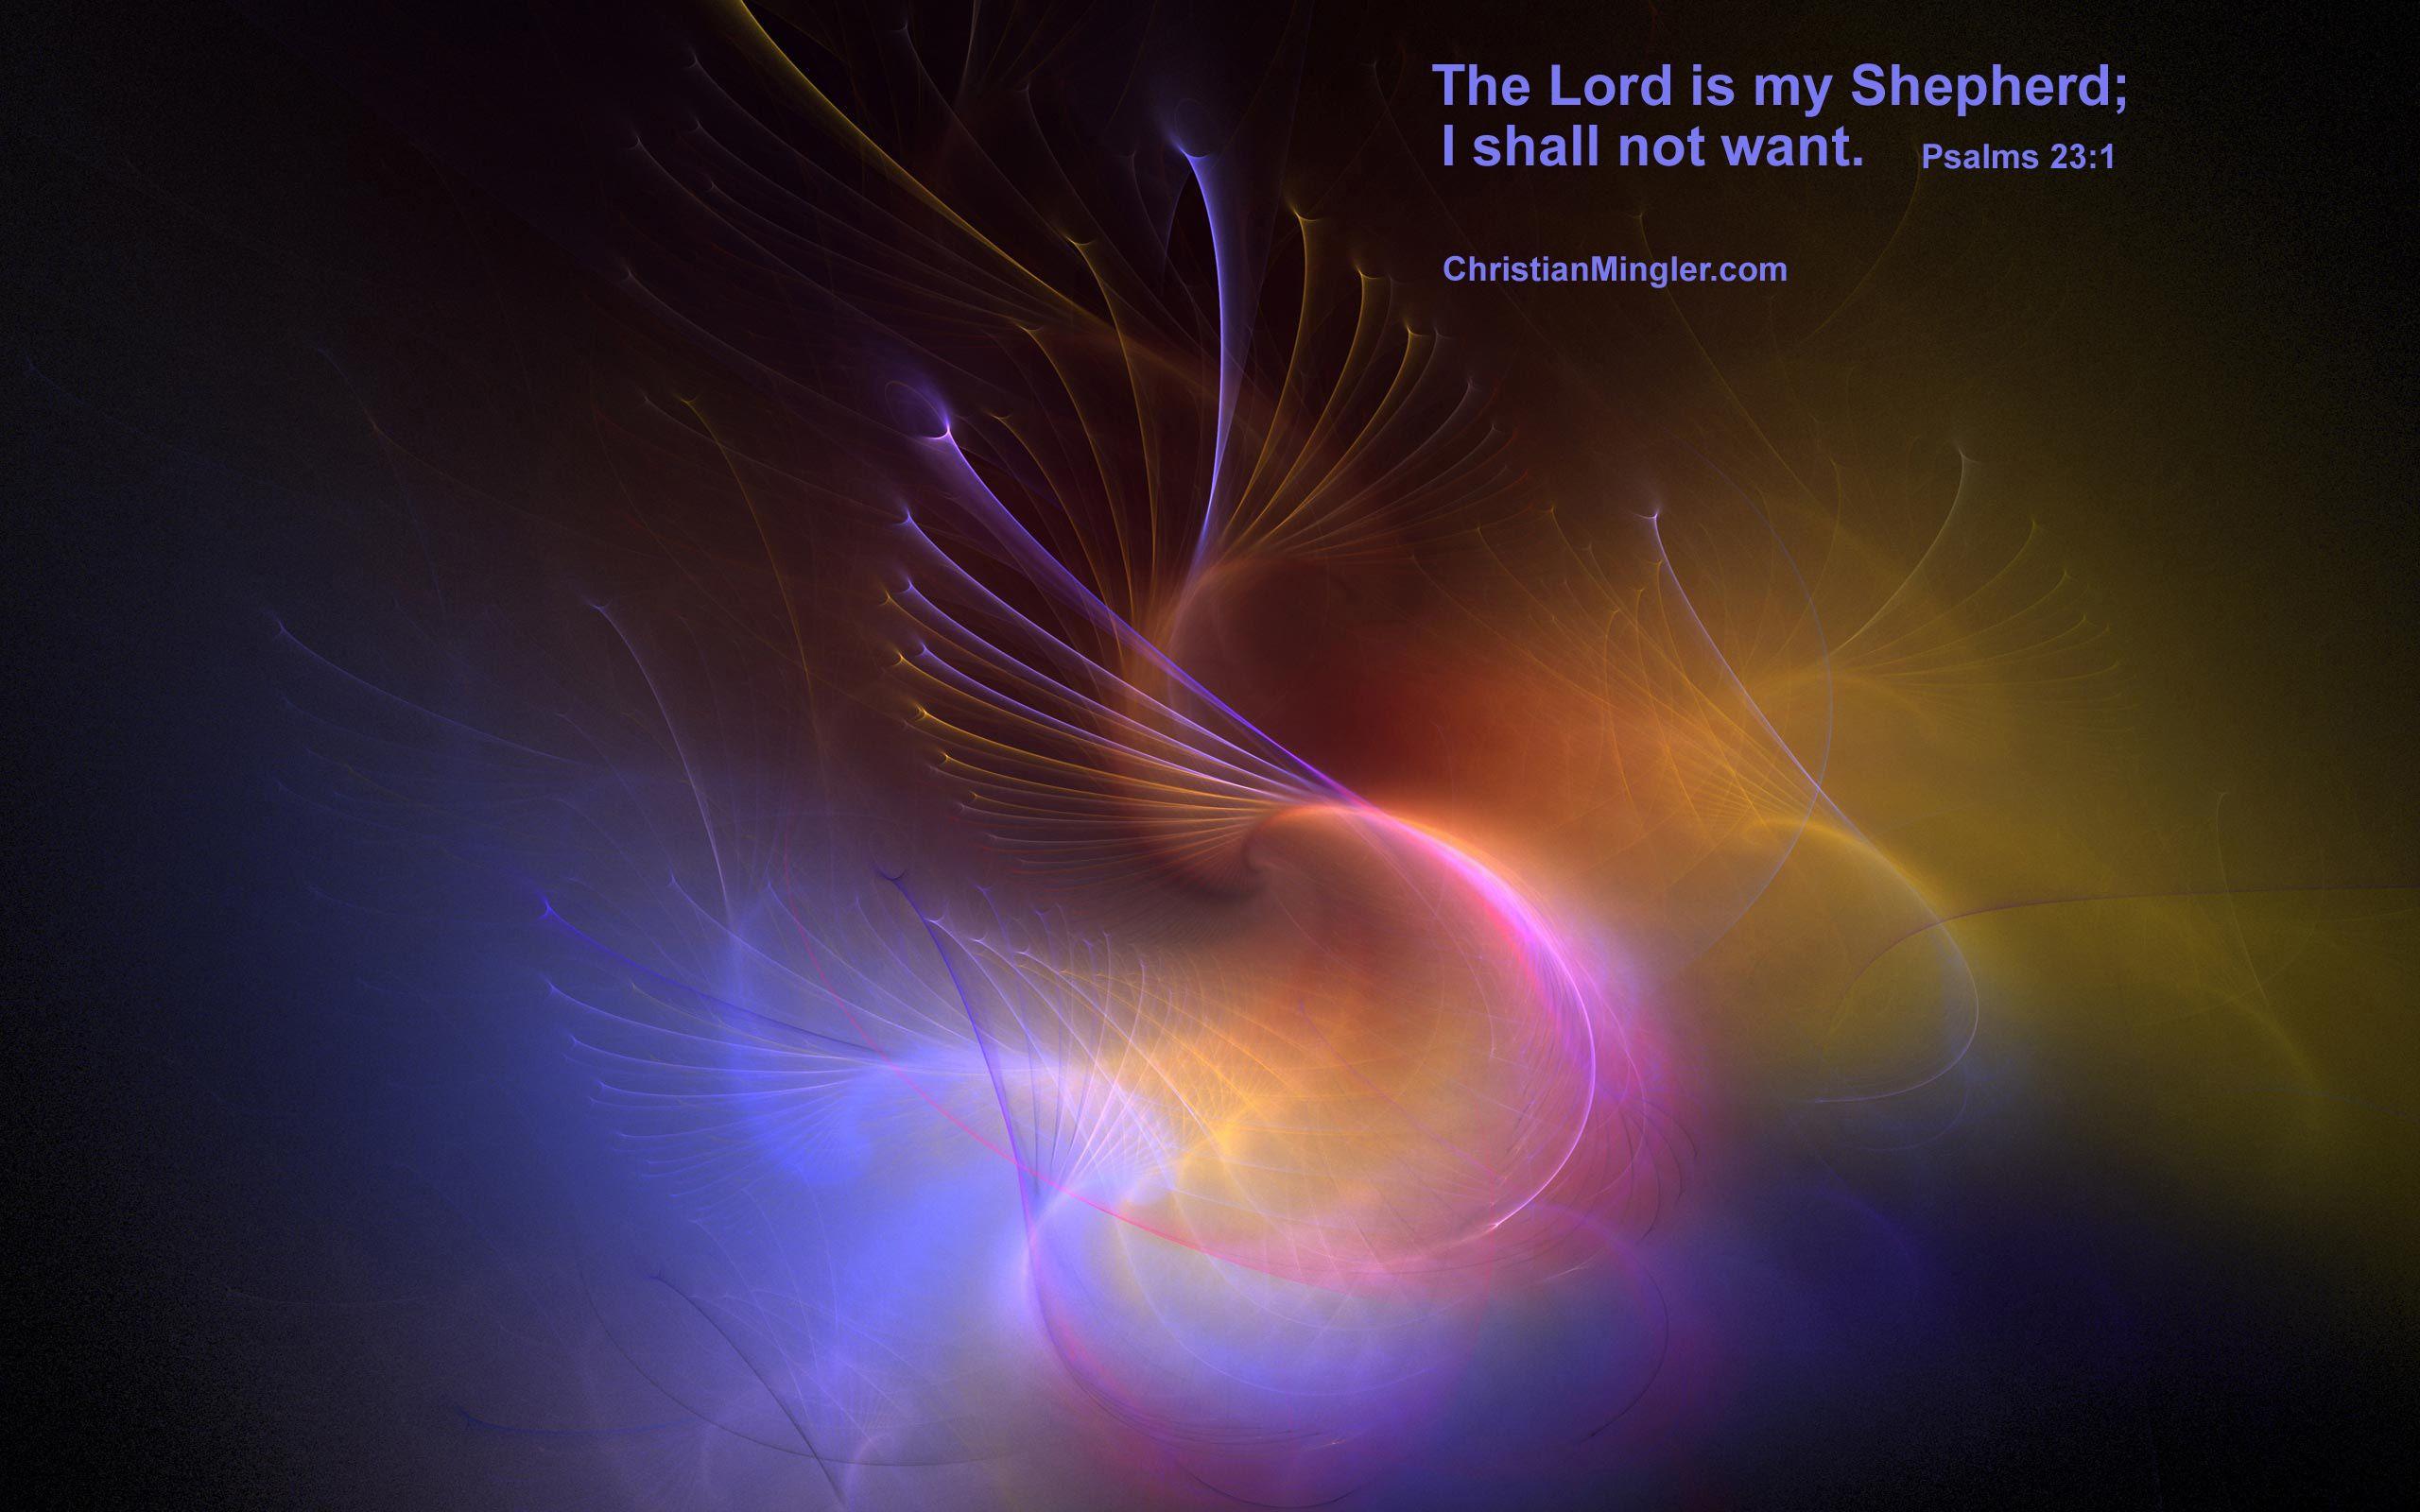 Psalm 23 5 Wallpaper Psalms 23 1 Papel de Parede 2560x1600